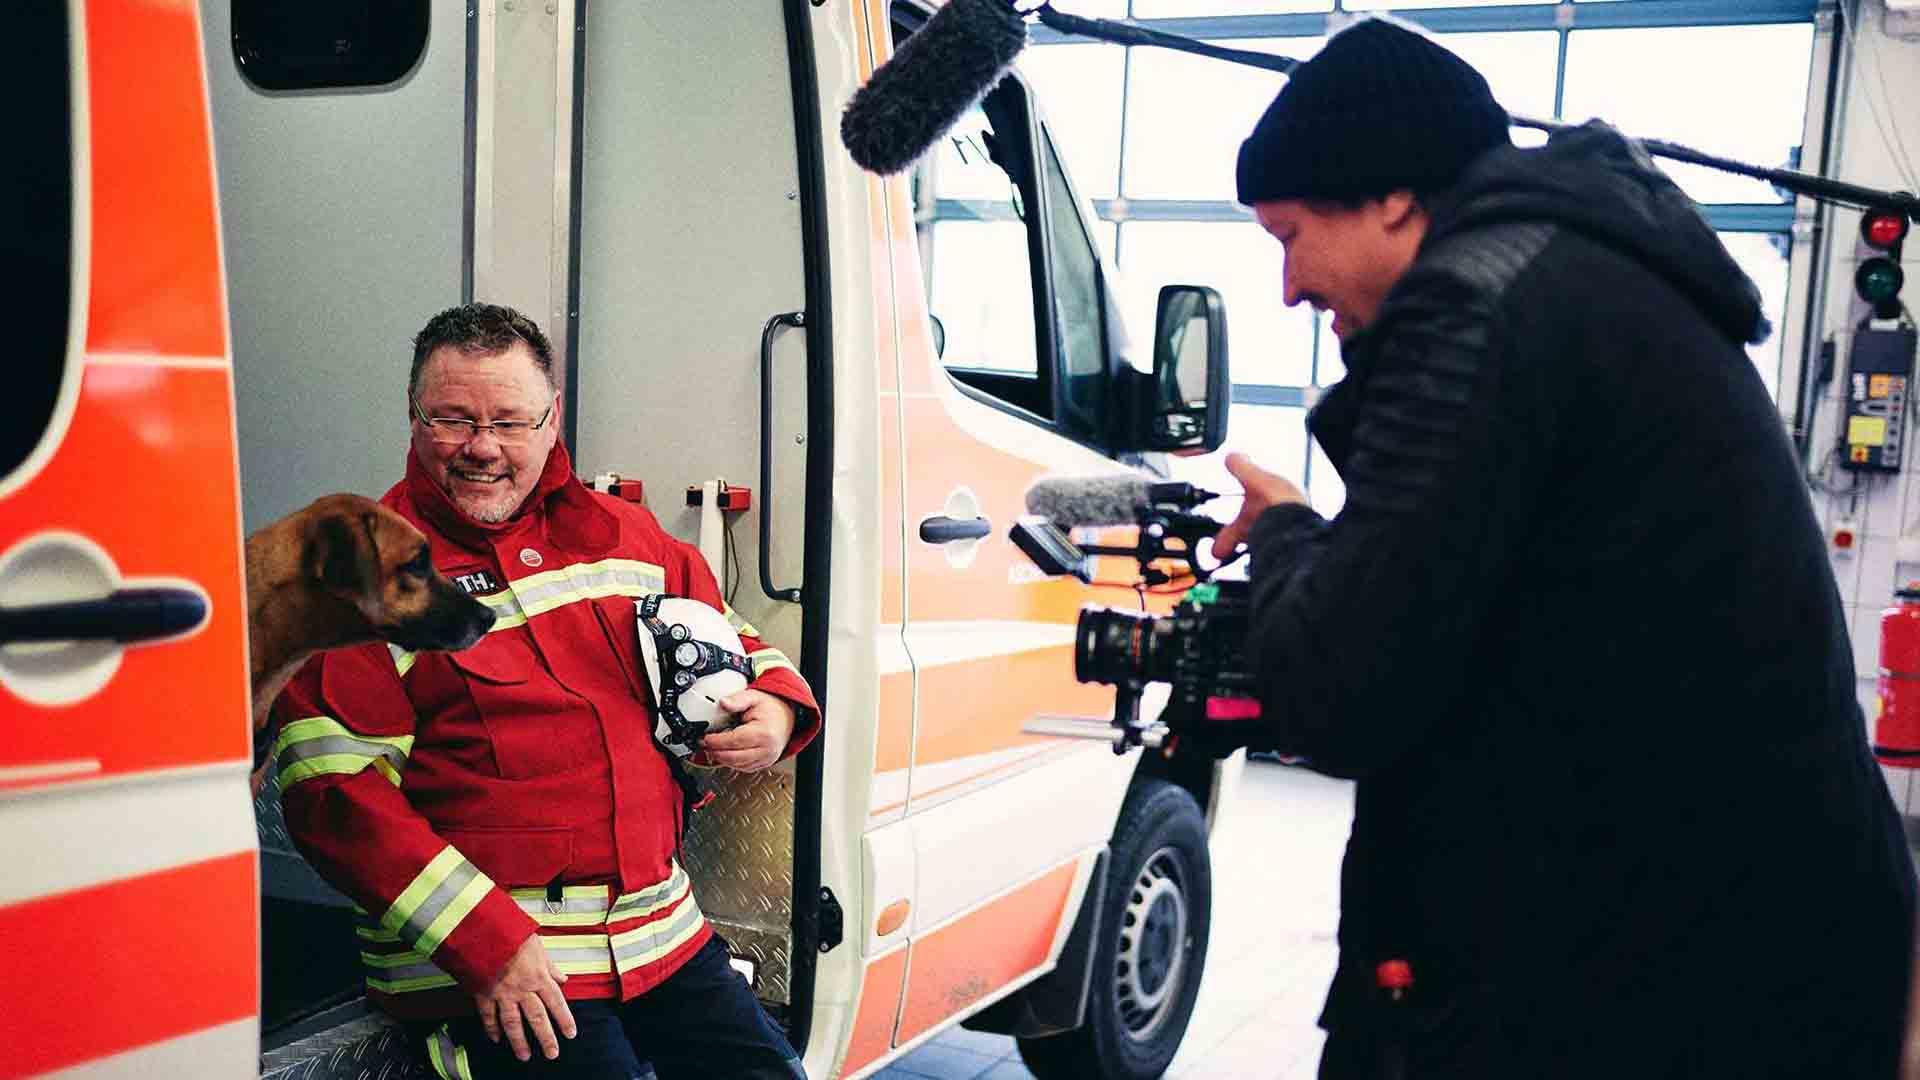 Das Bild zeigt einen Krankenwangen. Die Schiebetüren des Krankenwagens sind geöffnet. In dem Eingang sitzt ein Feuerwehrmann mit einem Hund. Er trägt seine Uniform und hält seinen Helm in der Hand. Vor ihm steht ein Kameramann der eine Kamera auf ihn richtet. Er wird gefilmt. Über dem Kameramann schwebt ein Tongerät. Das Bild dient als Sliderbild für den Portfolioeintrag Audi | FC Bayern München Ehrenrunde von Panda Pictures.